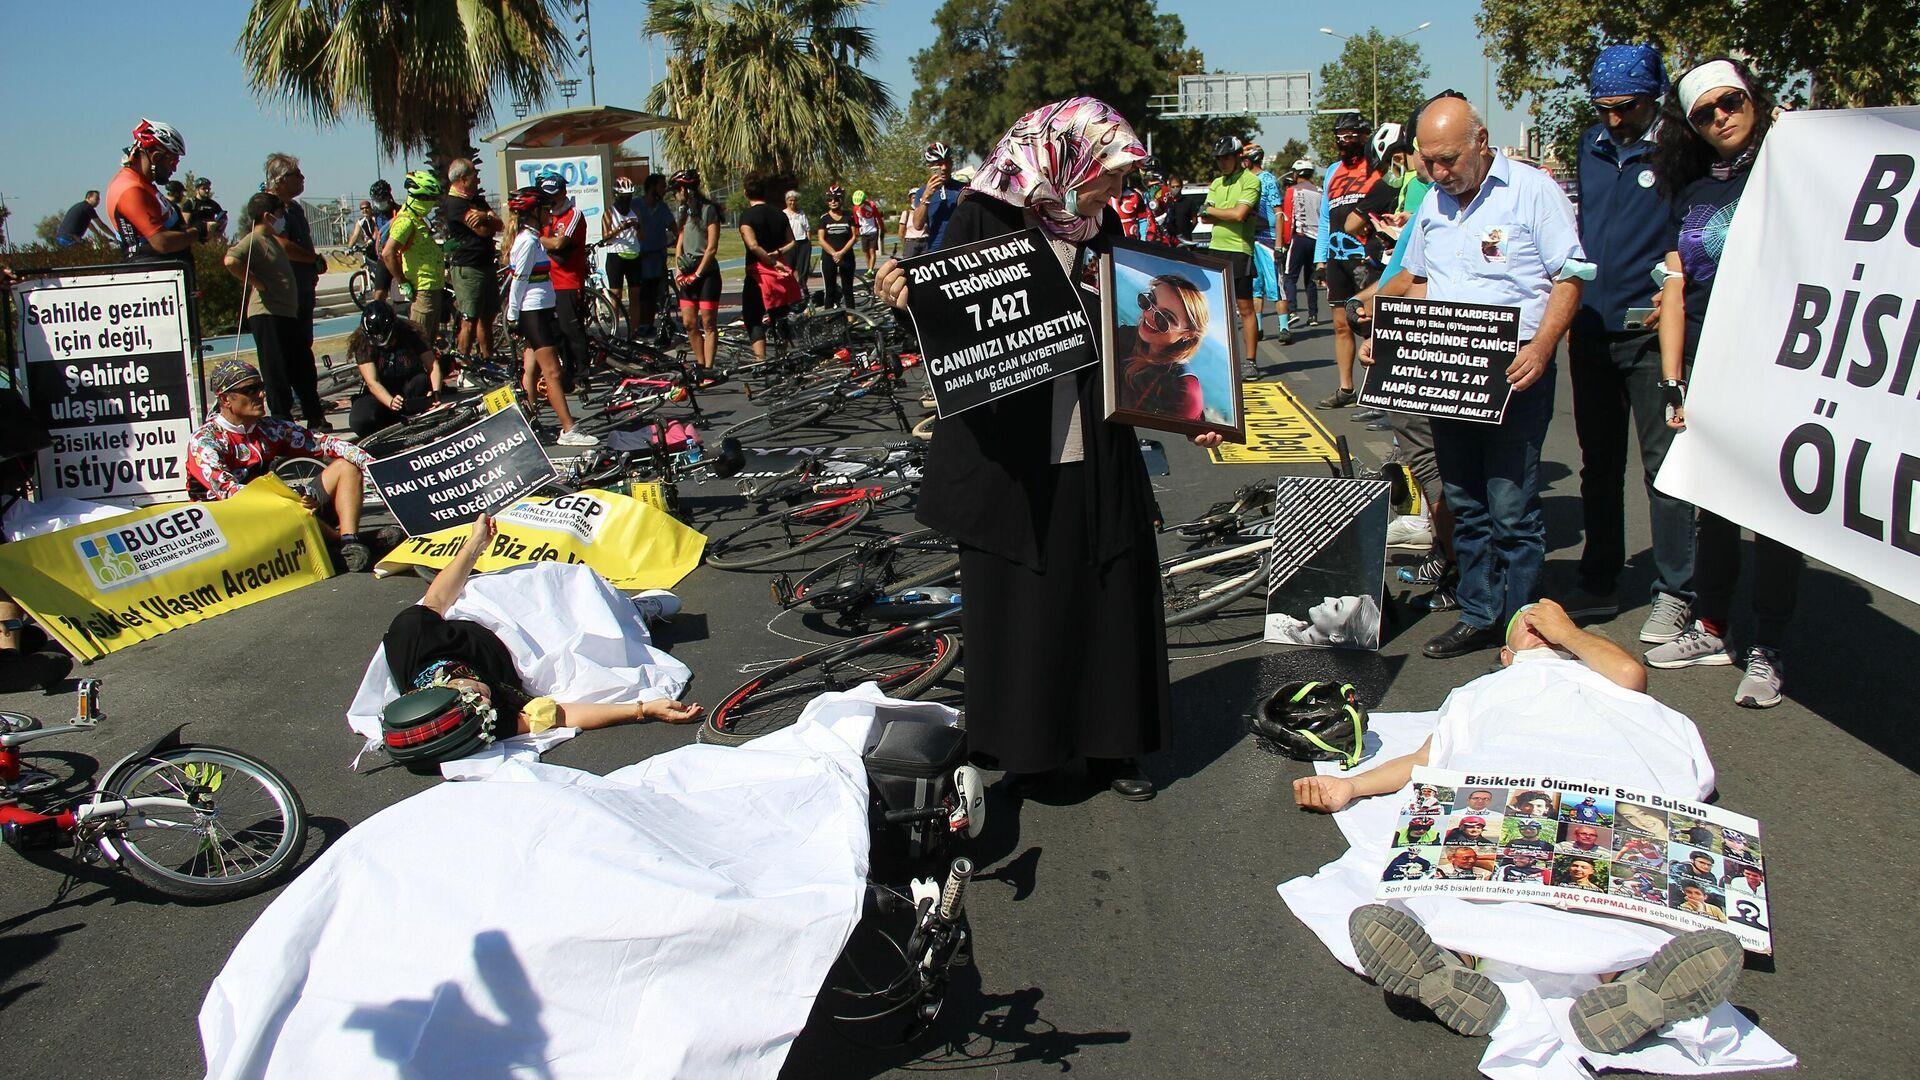 Türkiye'de son iki yılda 285 bisikletlinin trafik kazalarında hayatını kaybetmesi üzerine toplanan İzmirli bisikletçiler, kefen giyip eylem gerçekleştirdi. Eylemde geçen yıl hayatını kaybeden bisiklet sporcusu Zeynep Aslan'ın ailesi de yer aldı. - Sputnik Türkiye, 1920, 26.09.2021